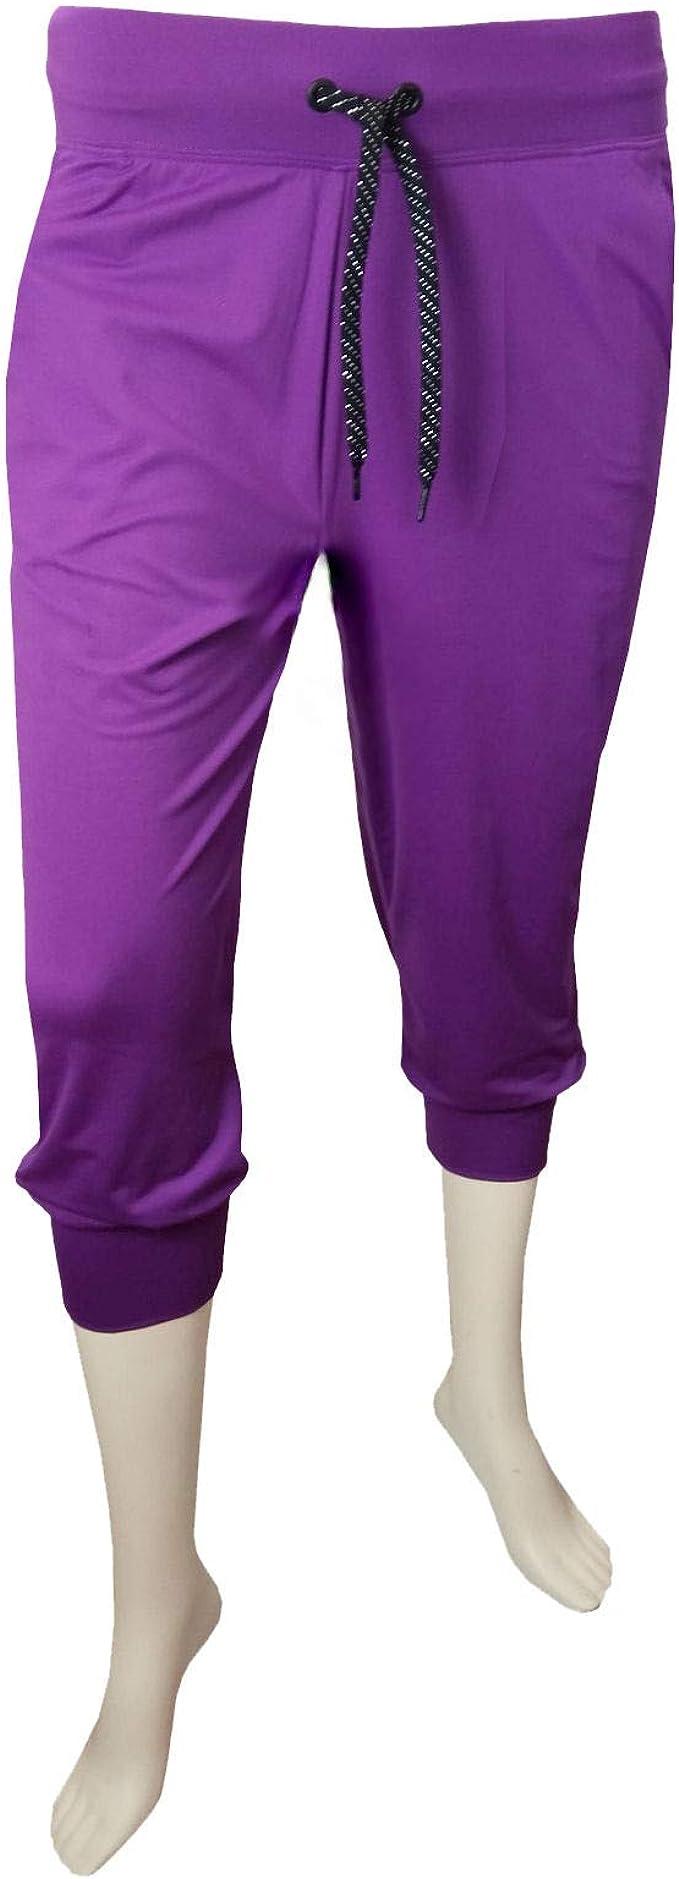 TCM Tchibo Damen Sportshorts Kurze Hose Shorts Yogahose Trainingshose